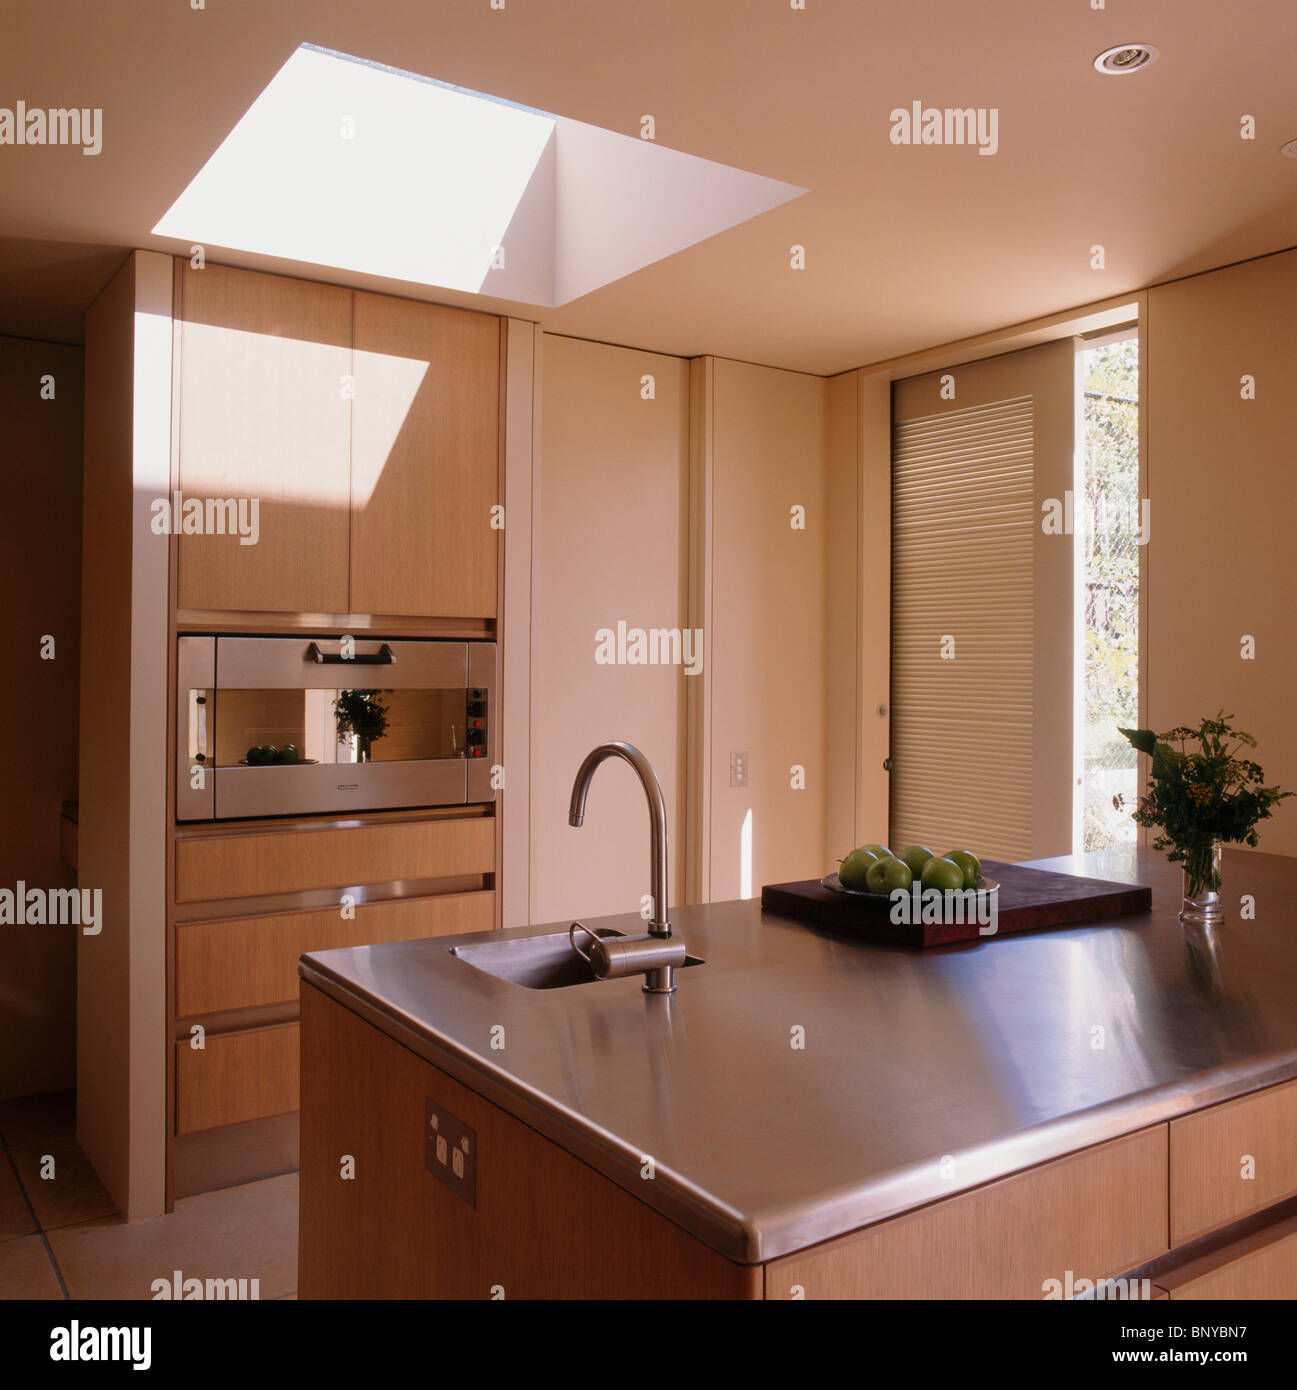 Kleine Unter Satz Waschbecken In Edelstahl Arbeitsplatte Auf Insel Gerät In Moderne  Küche Erweiterung